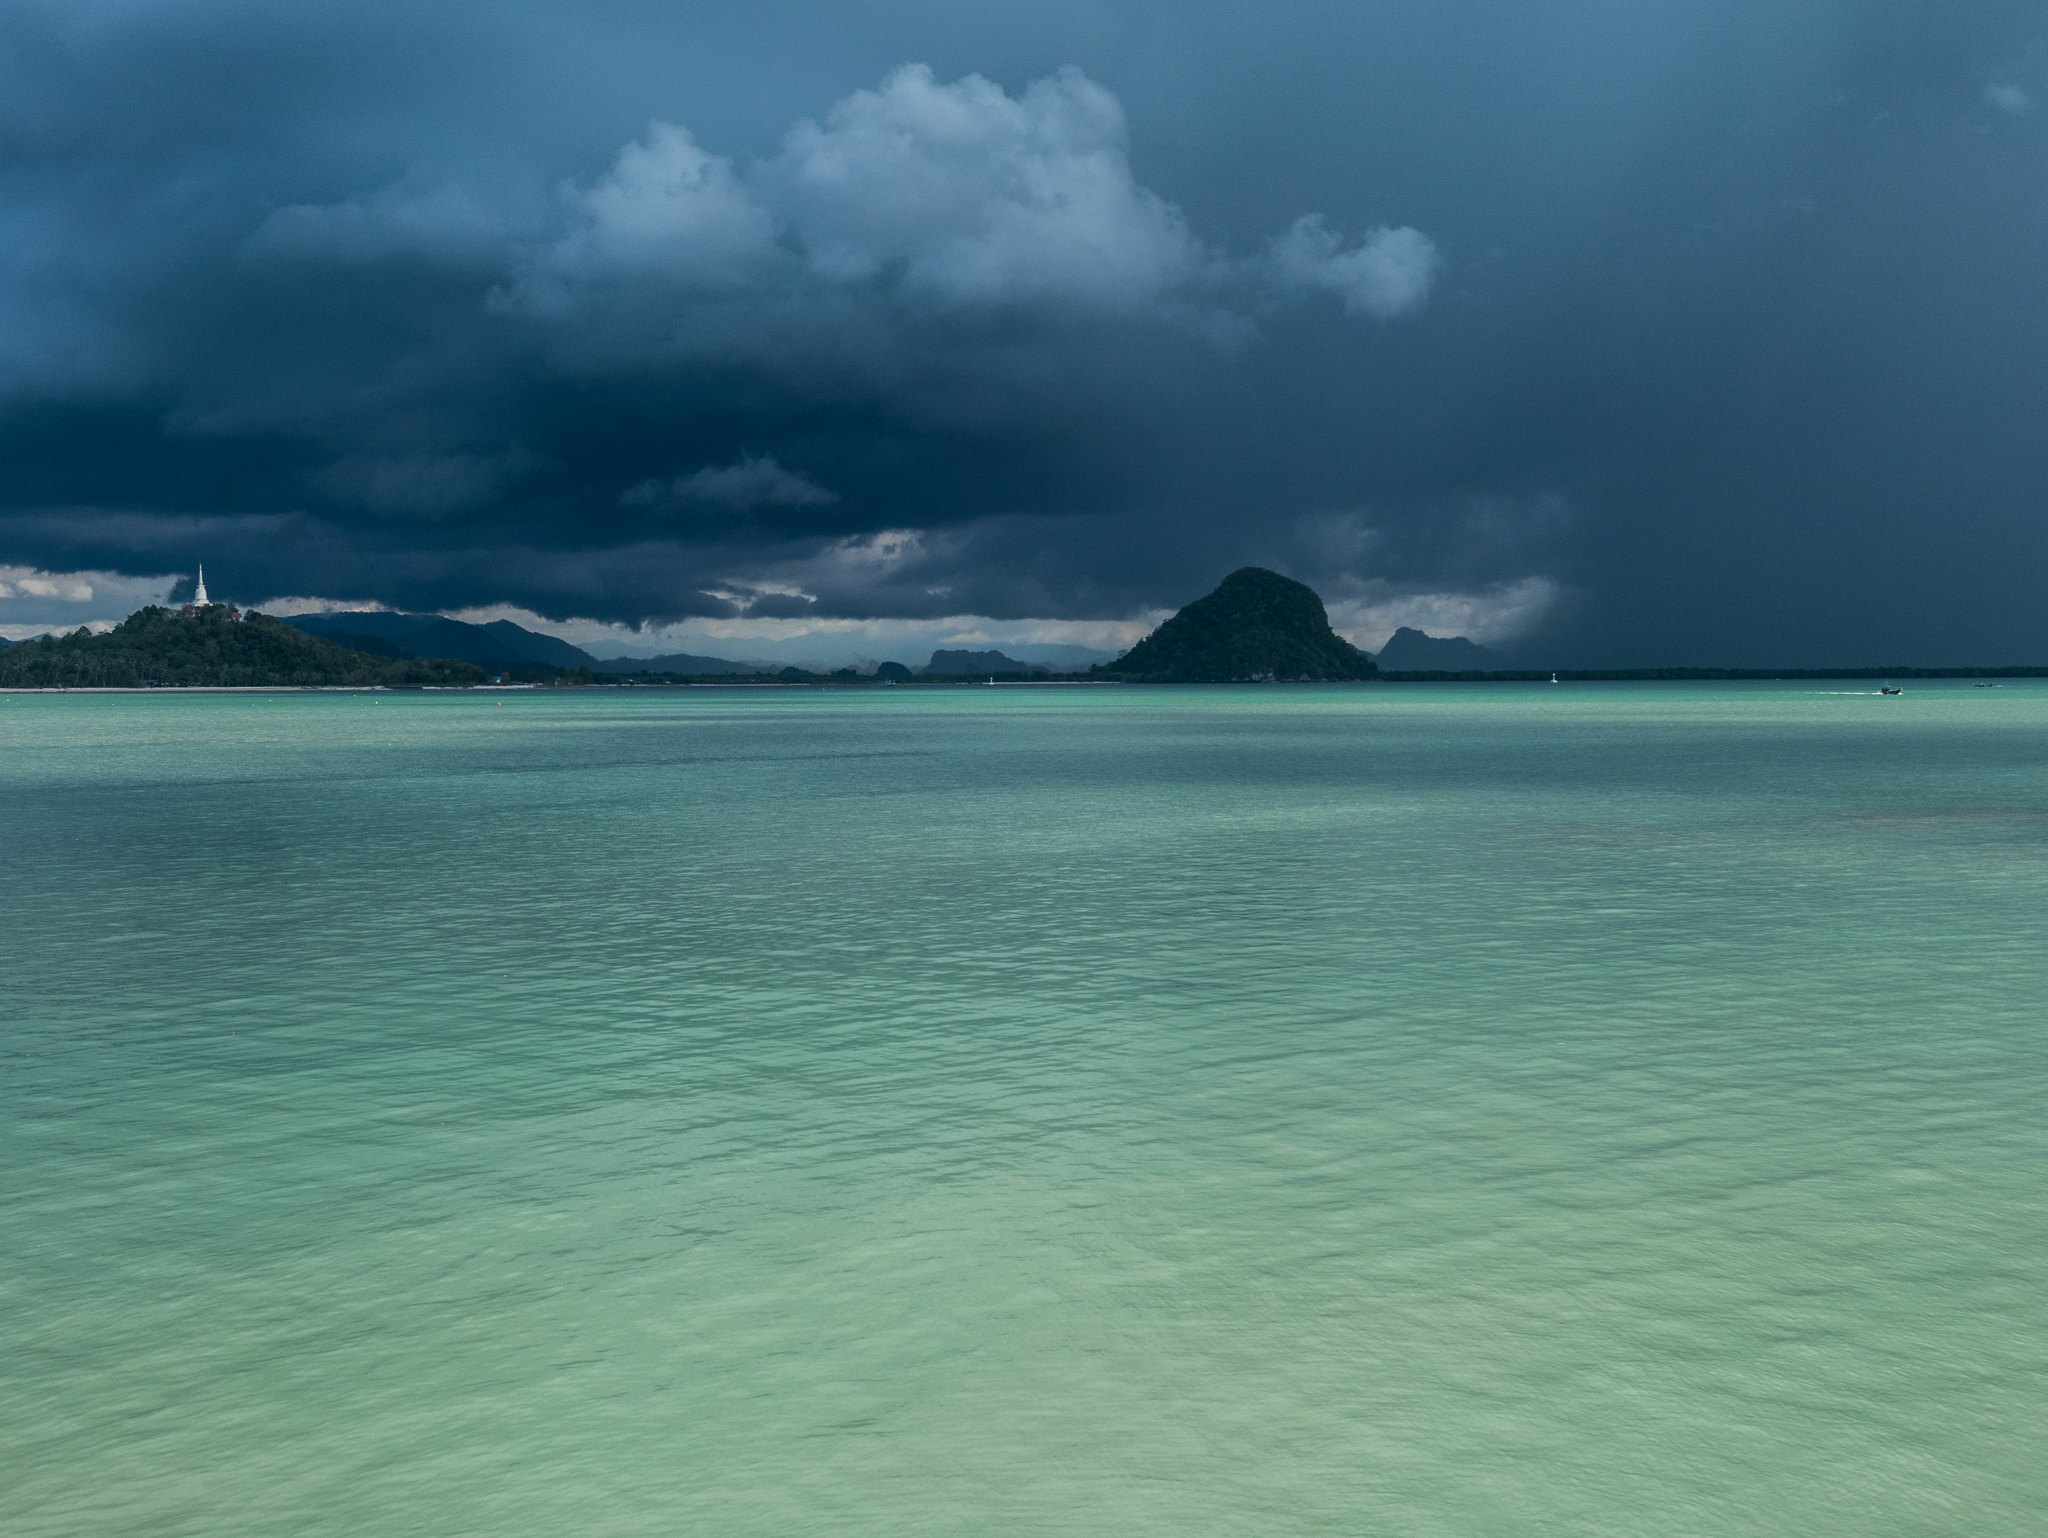 Cloud water